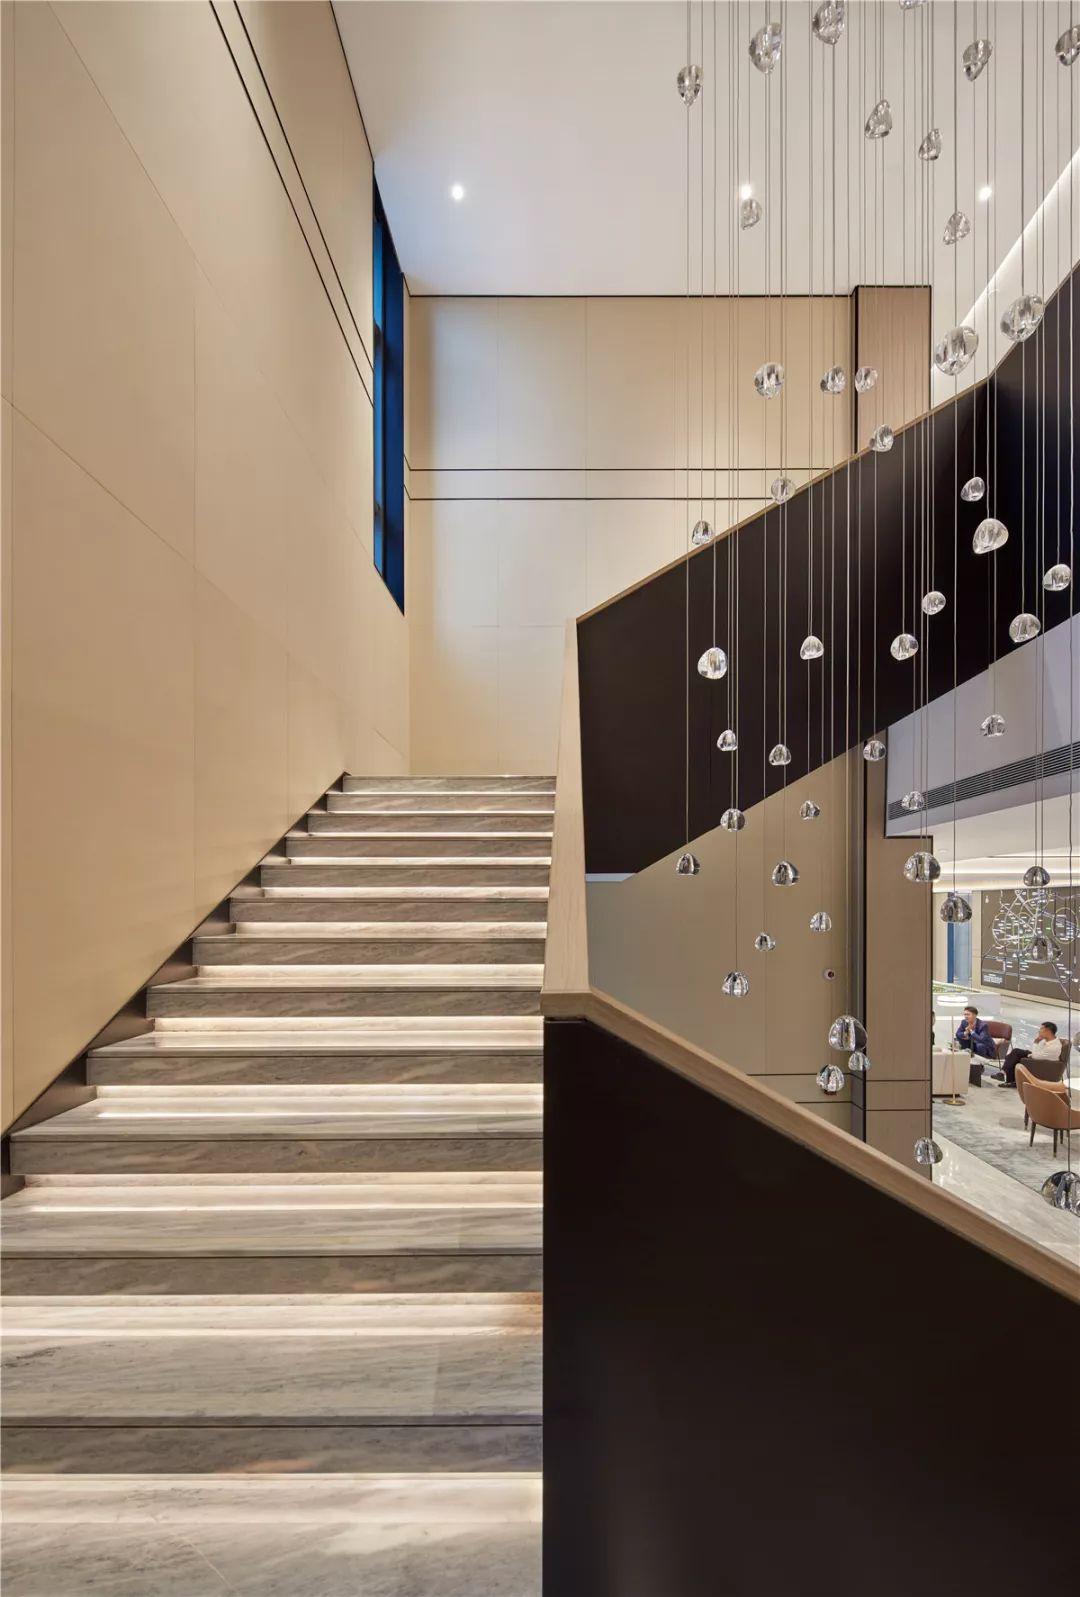 这座看似普通的建筑,空间设计却发挥的淋漓尽致!| - 19